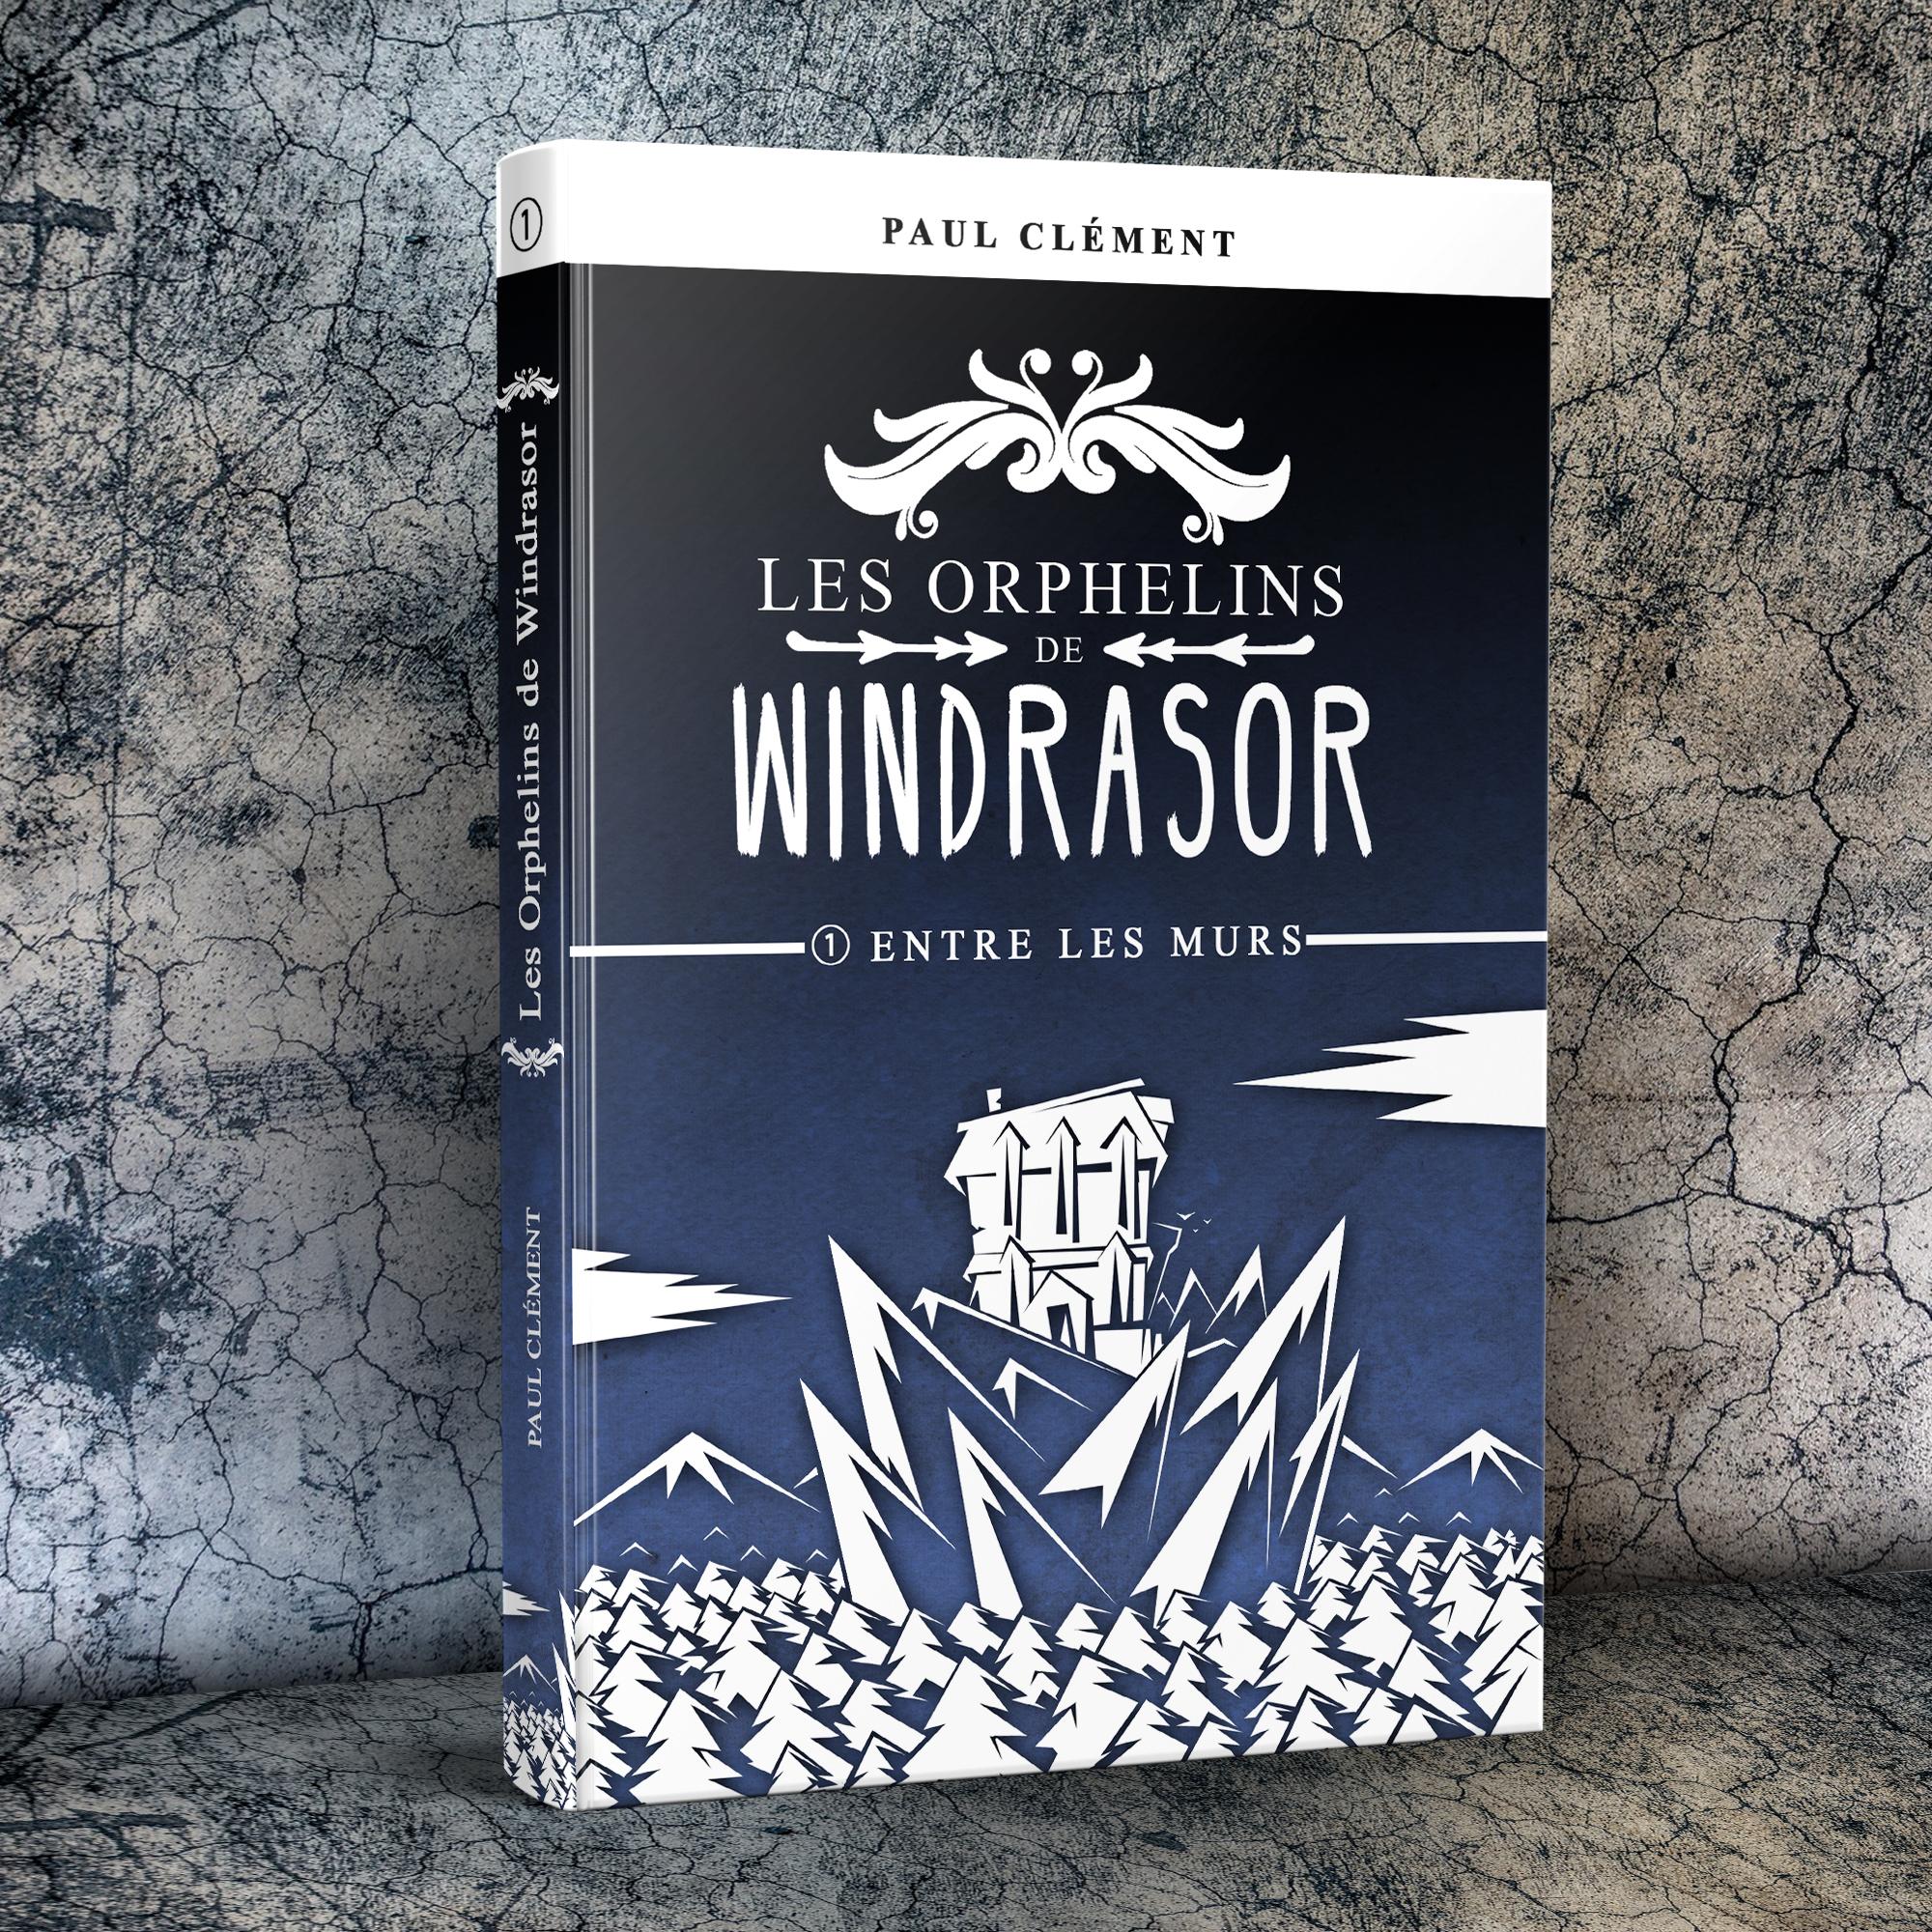 Les Orphelins de Windrasor Episode 1 : Entre les Murs